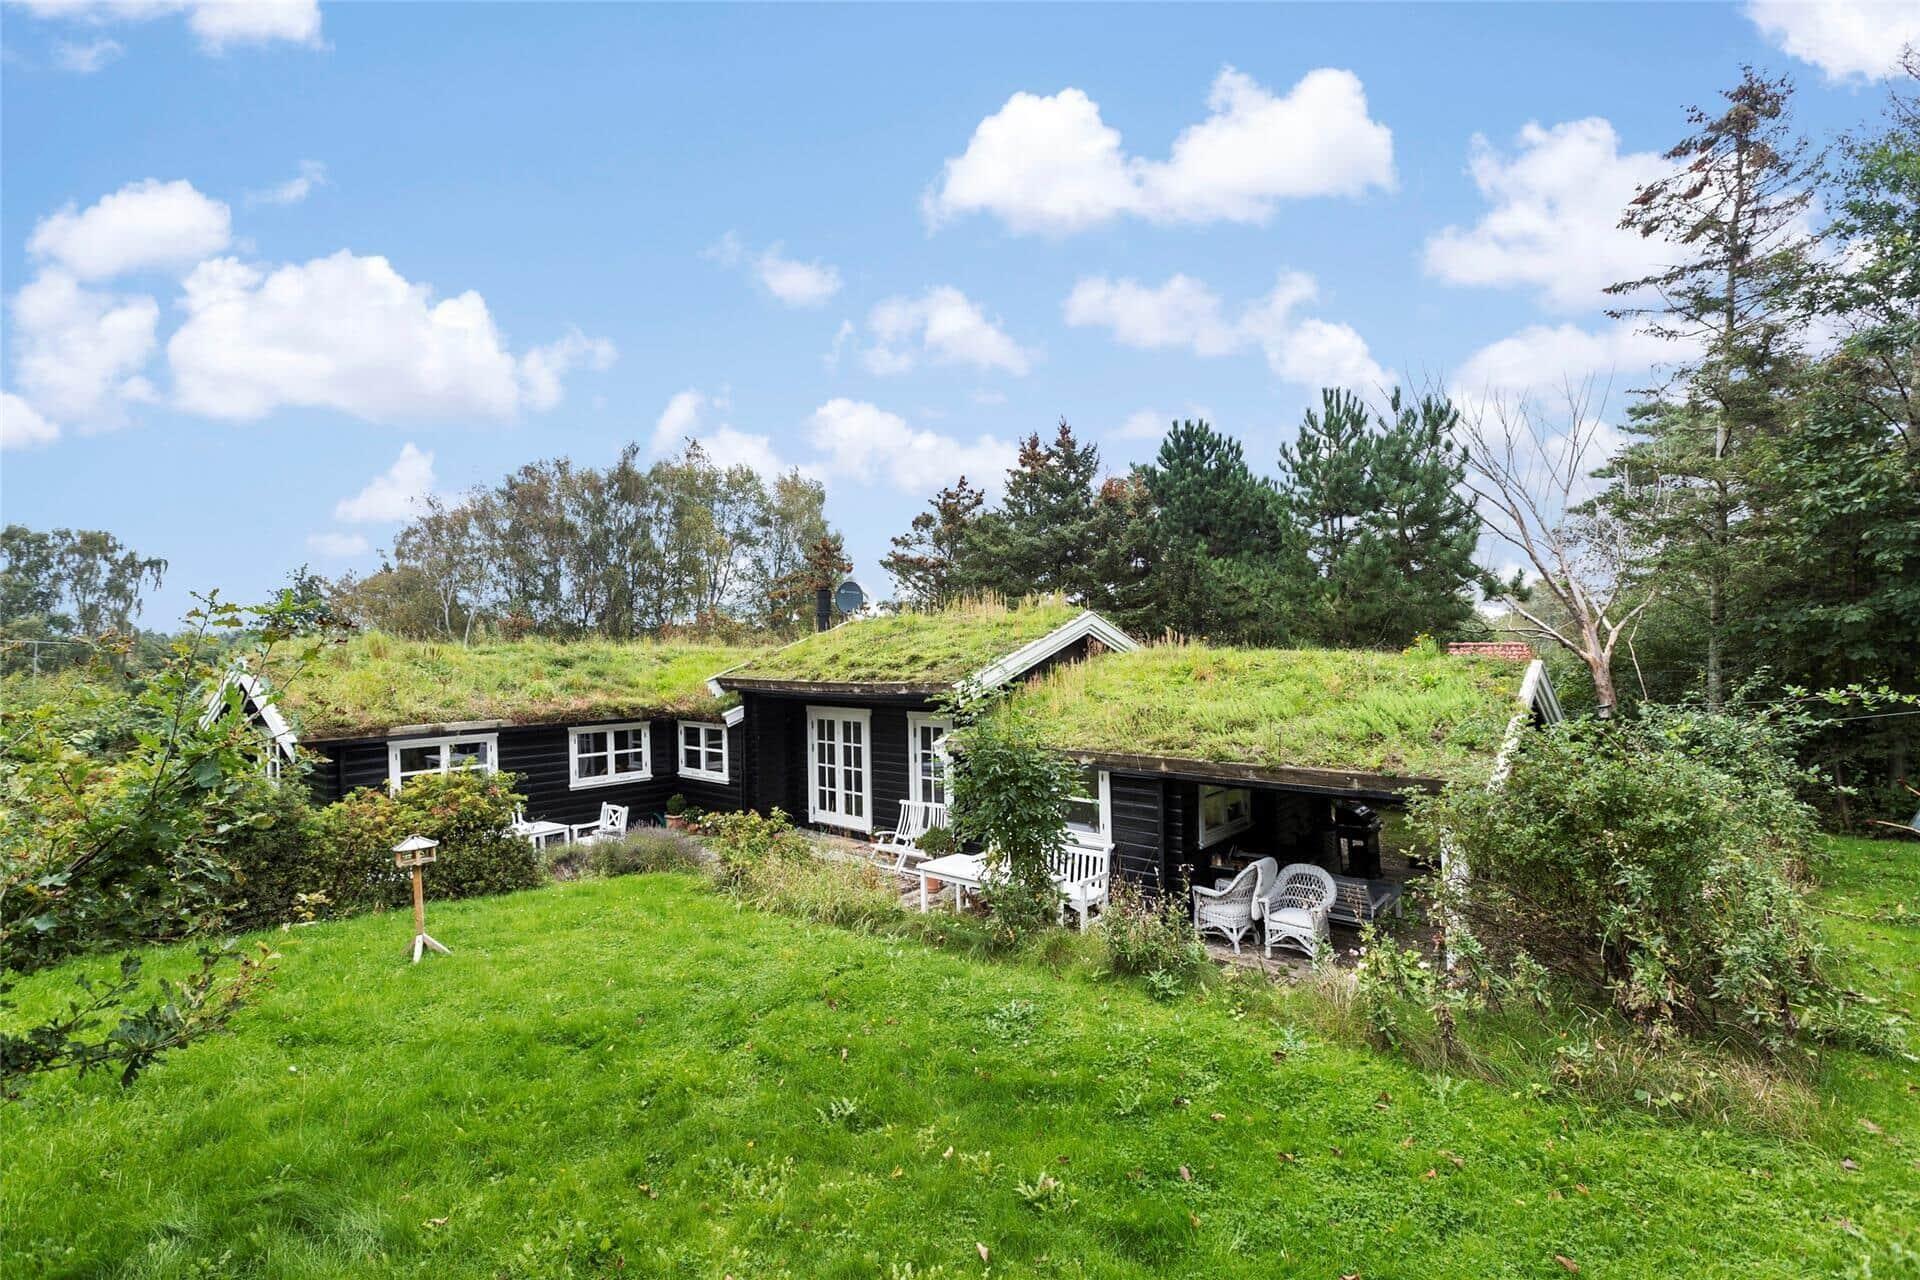 Bilde 1-1336 Feirehus 1106-N, Grønsalsager 4, DK - 3210 Vejby